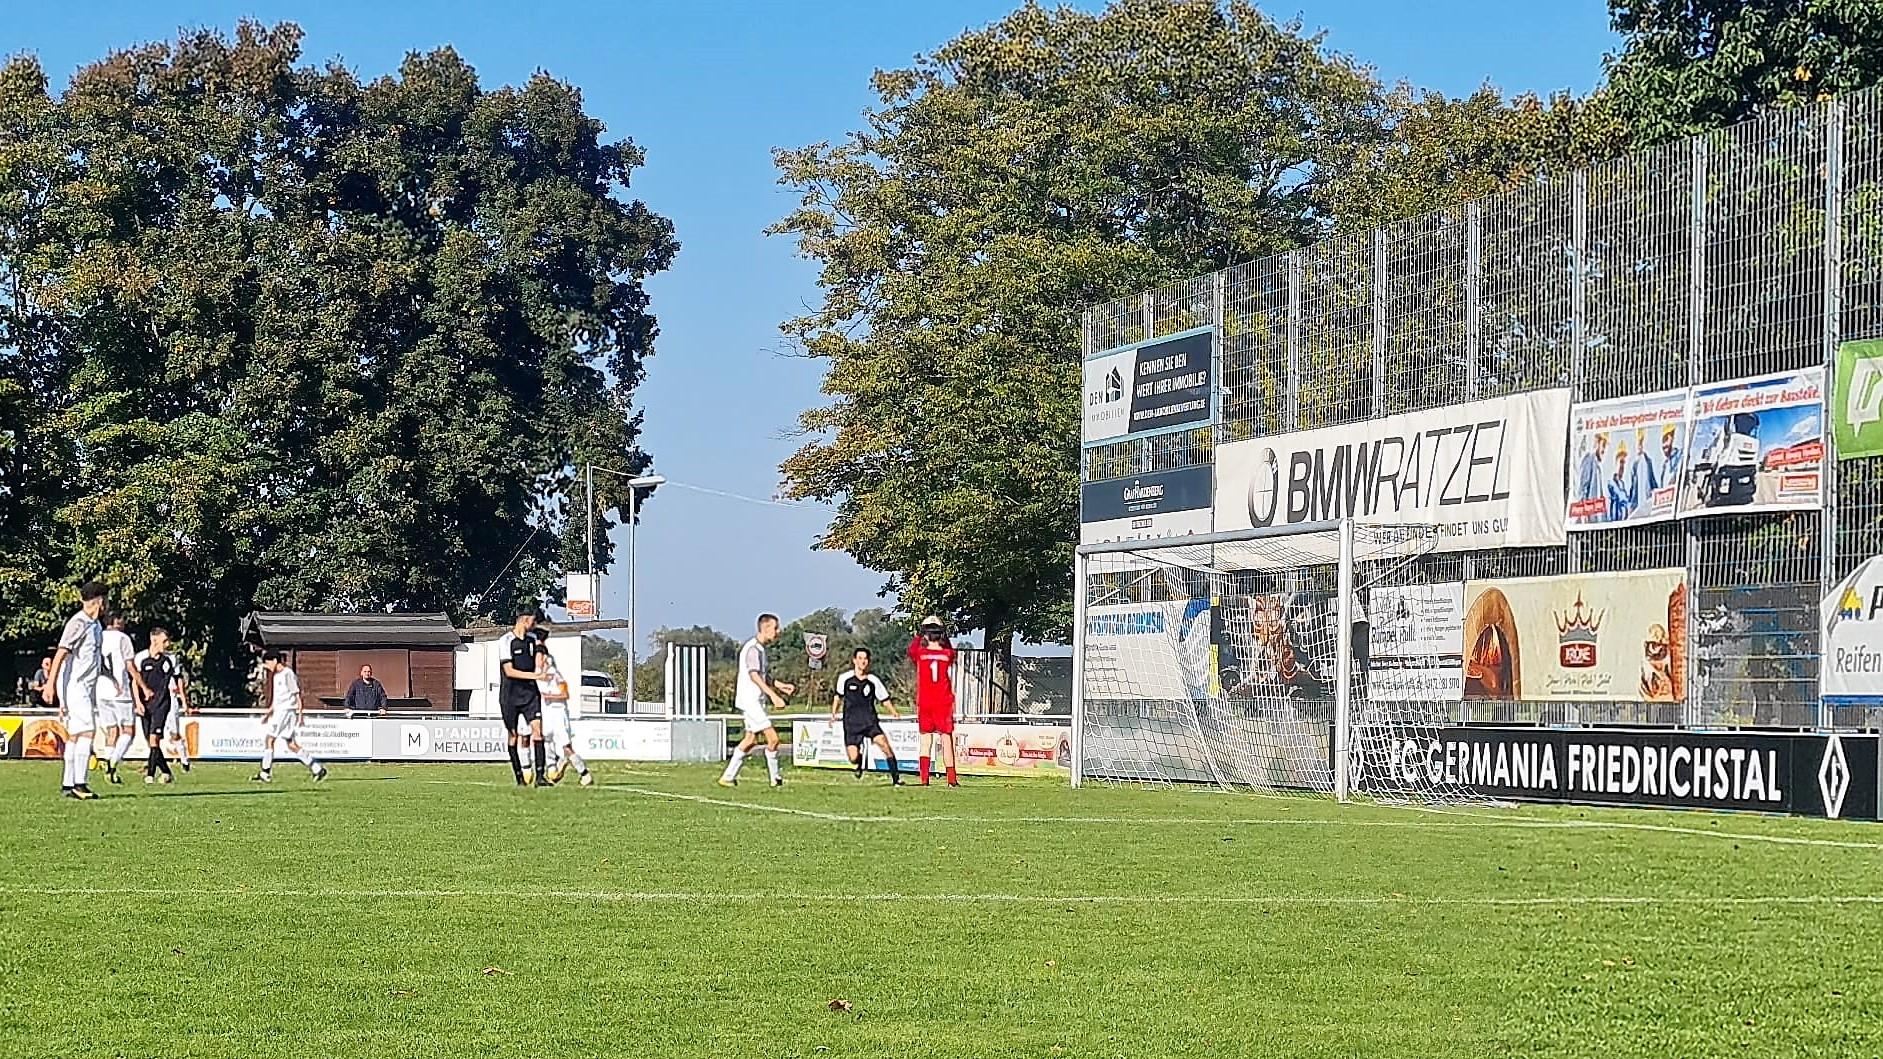 U17 - 6:0 Erfolg gegen Niefern